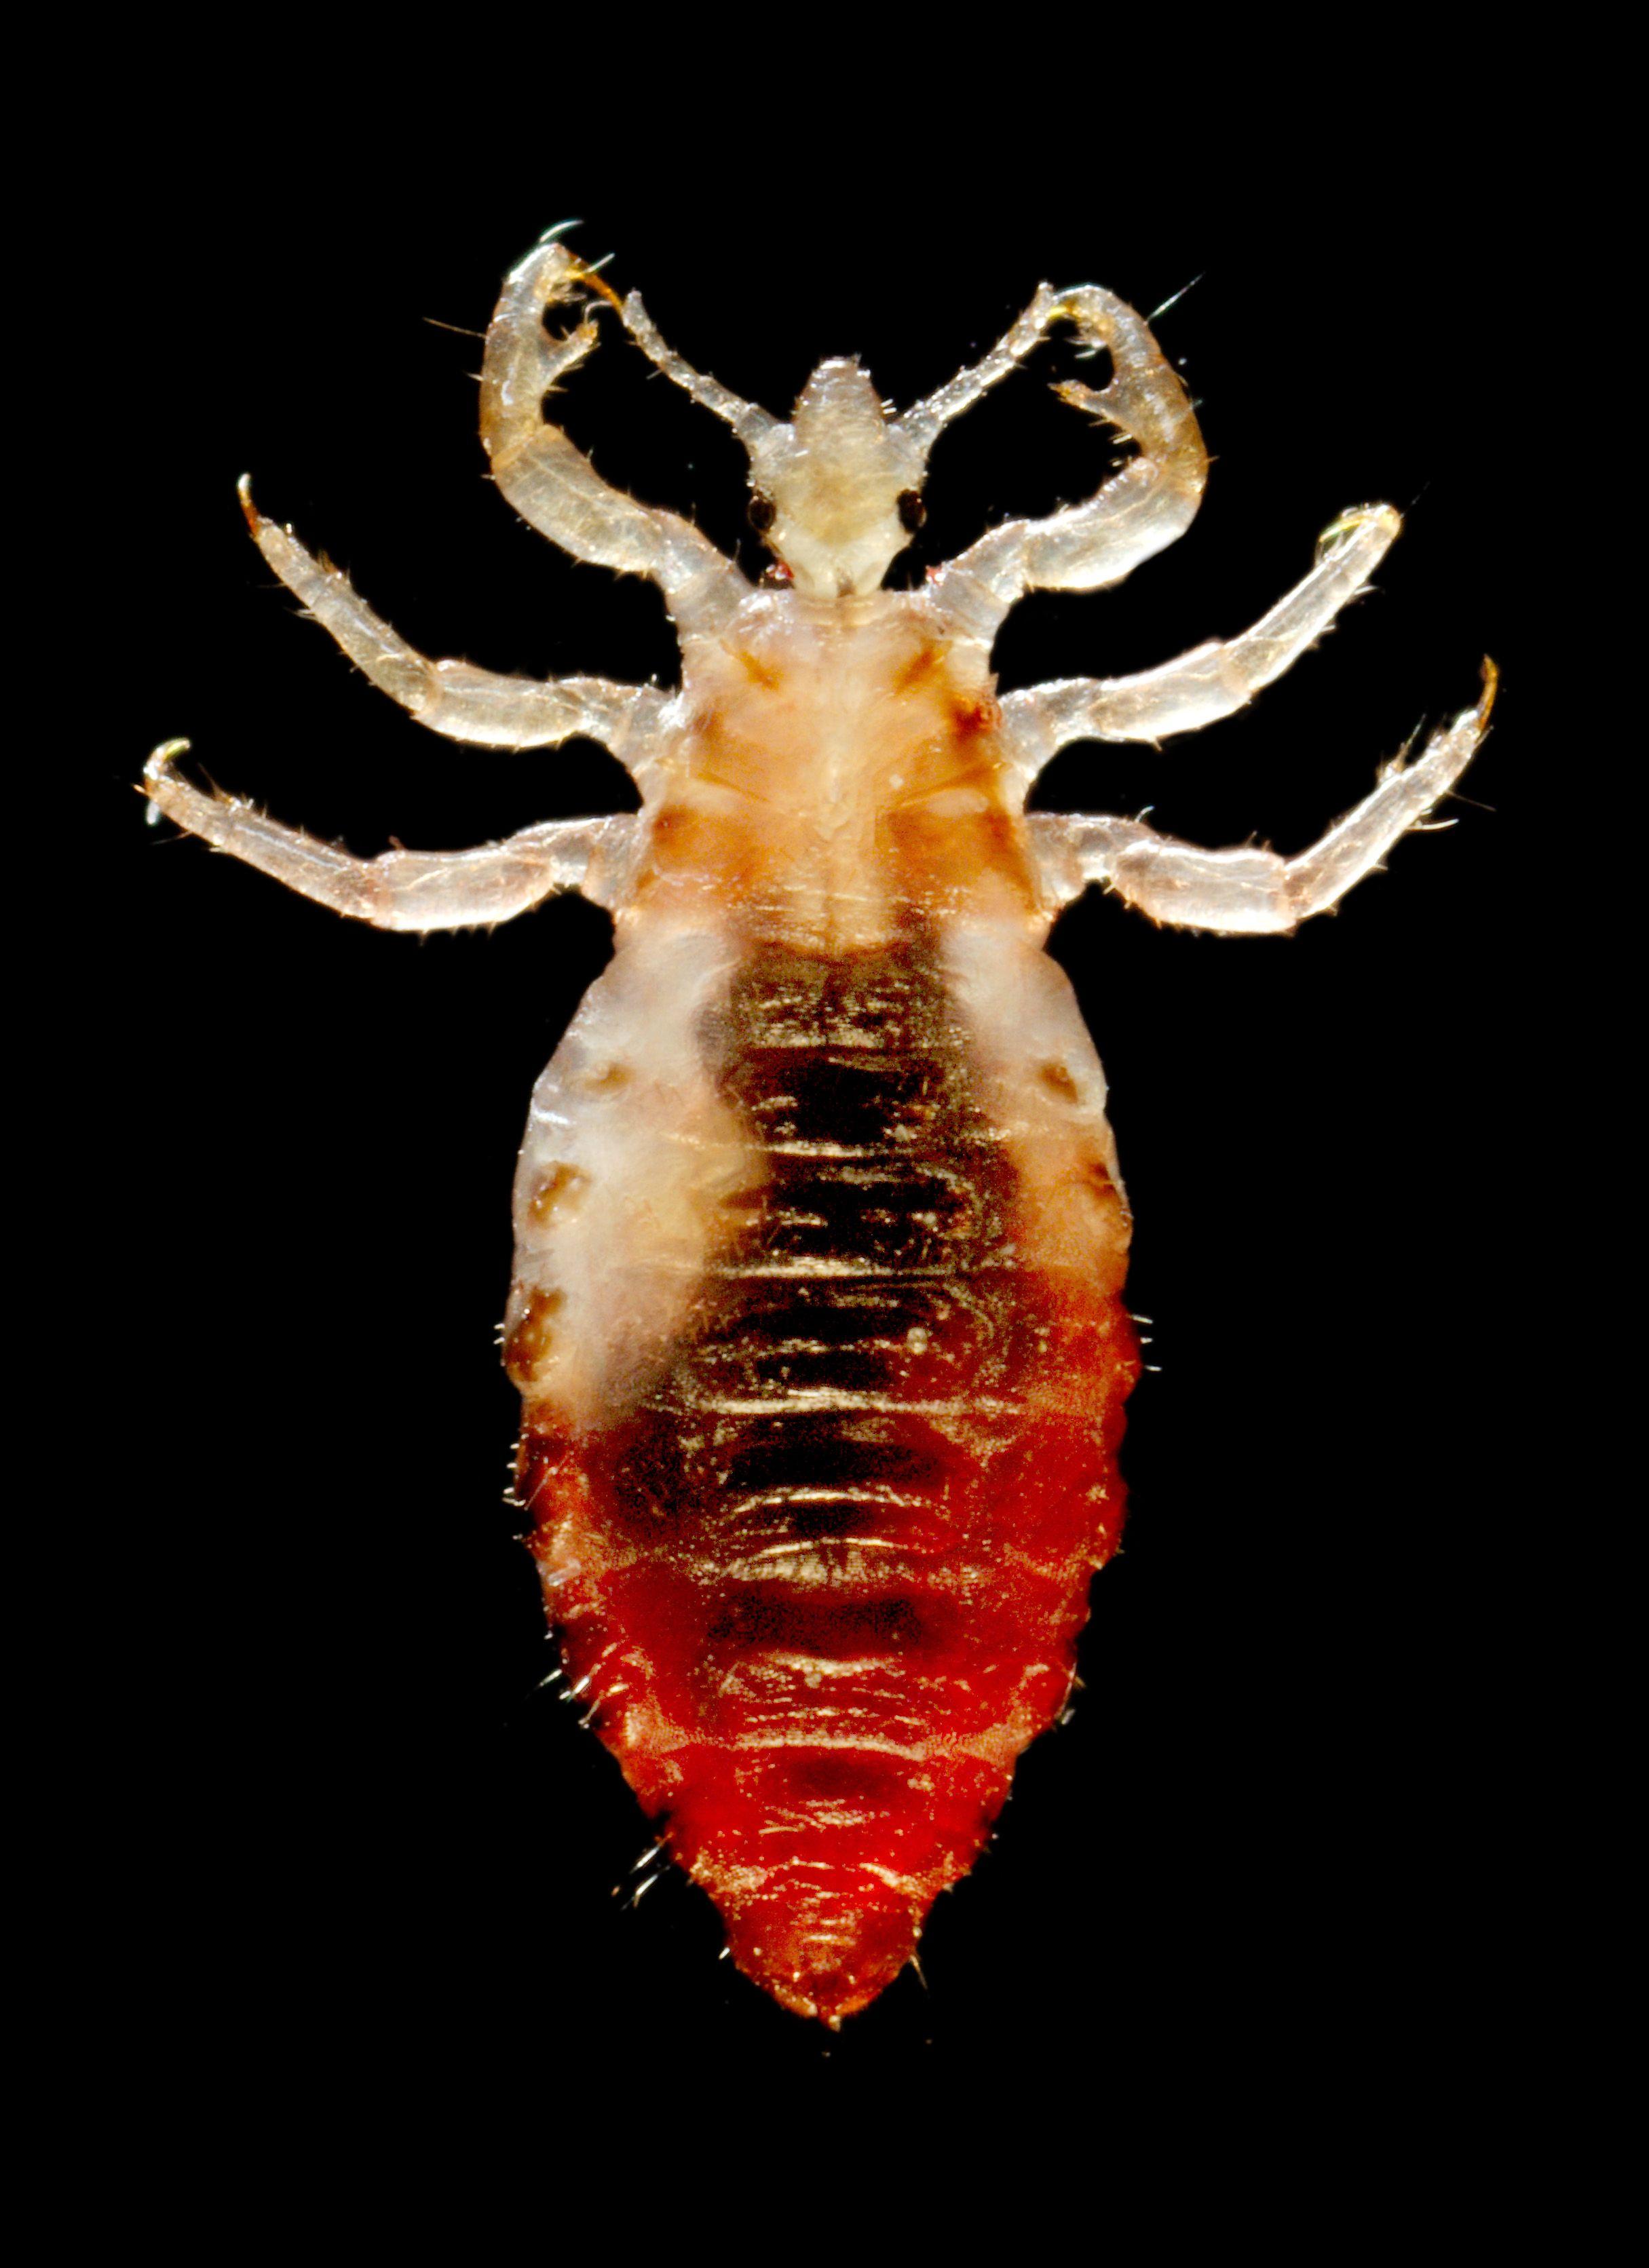 Body louse - Wikipedia